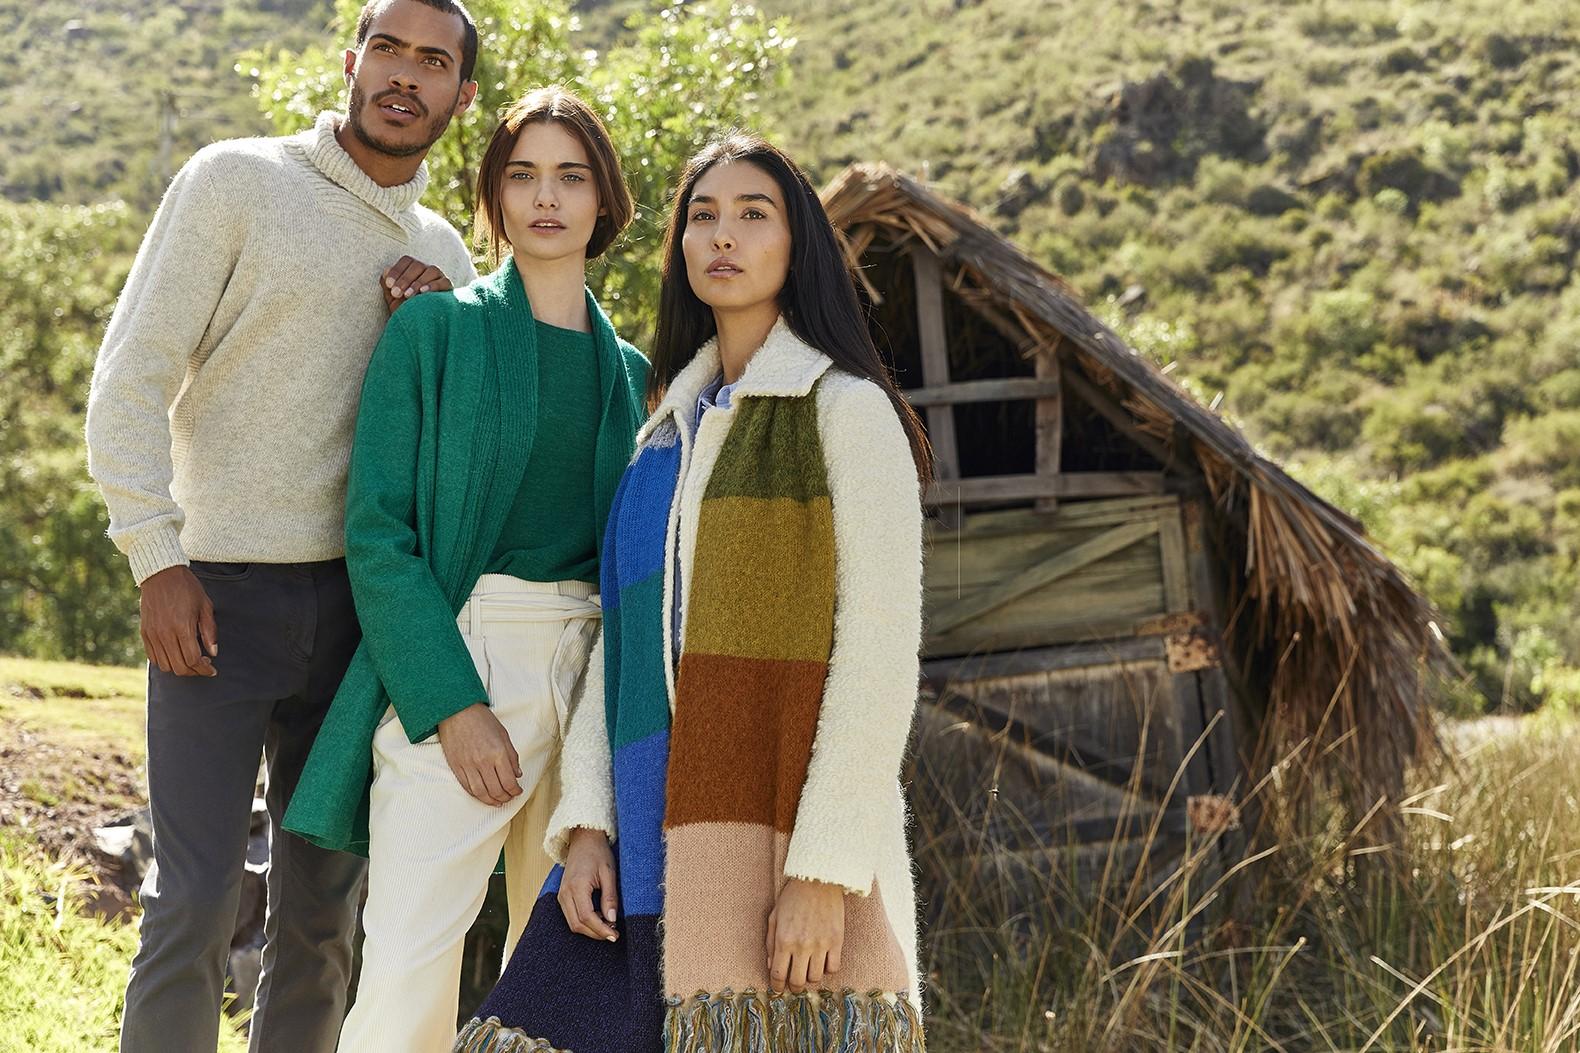 sweater de hombre color crema cuello cruzado, cardigan verde con camiseta de mujer y abrigo de mujer color crema con bufanda de colores